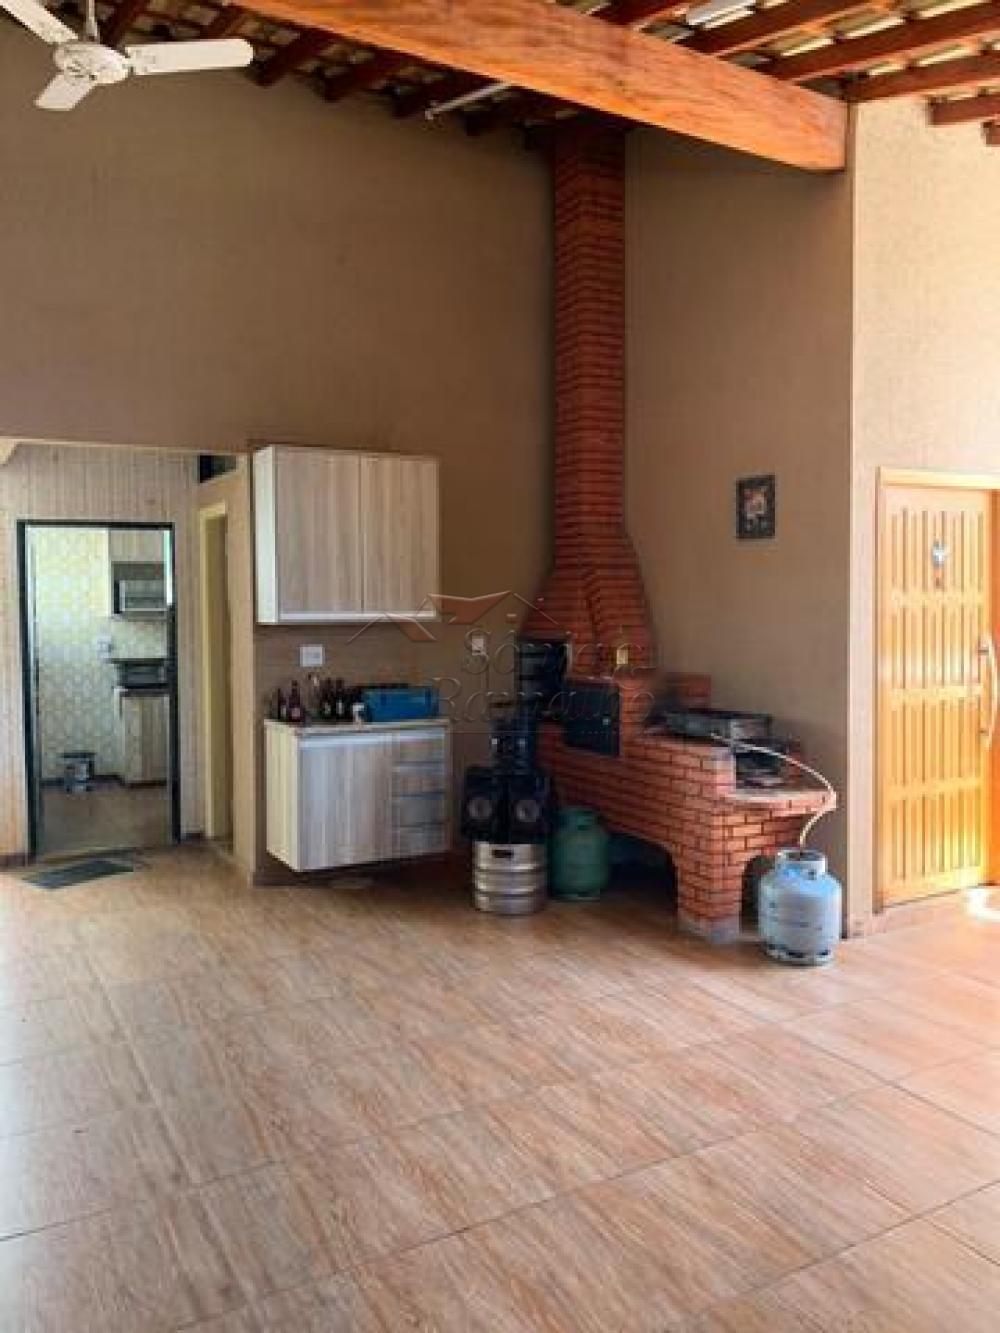 Comprar Casas / Padrão em Ribeirão Preto apenas R$ 360.000,00 - Foto 2